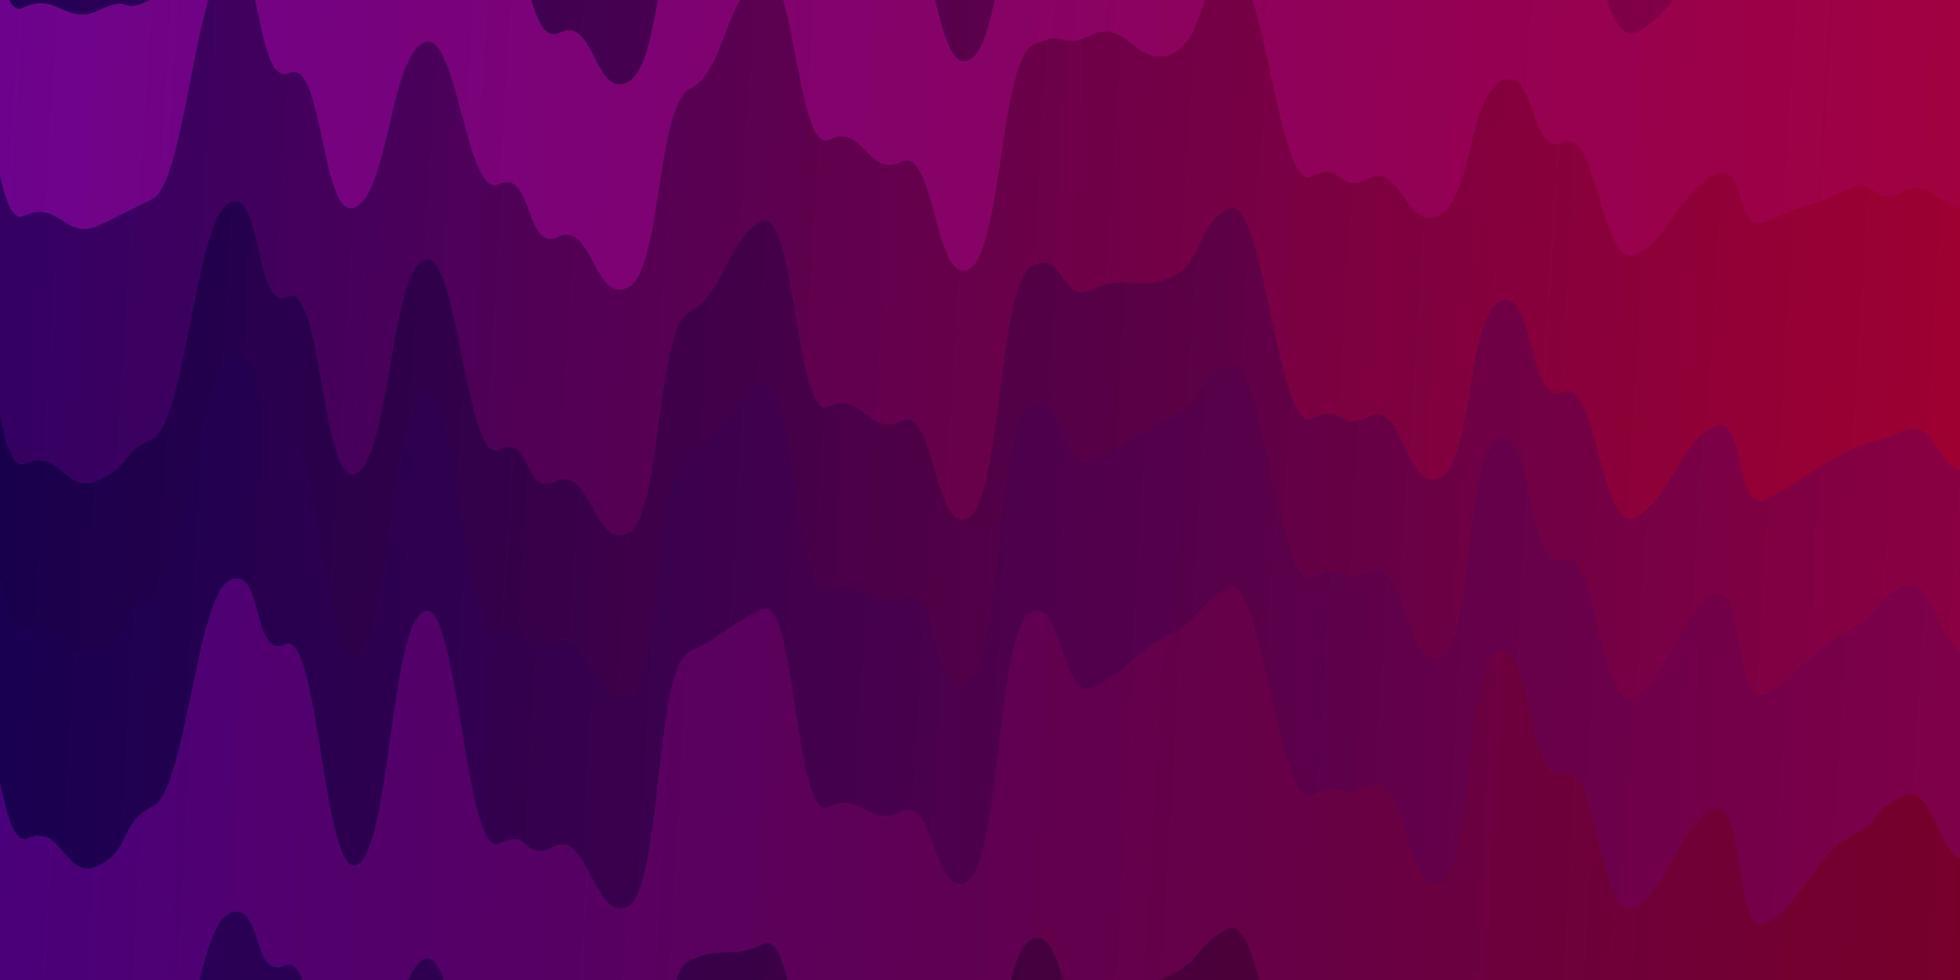 mörk lila, rosa vektor layout med kurvor.